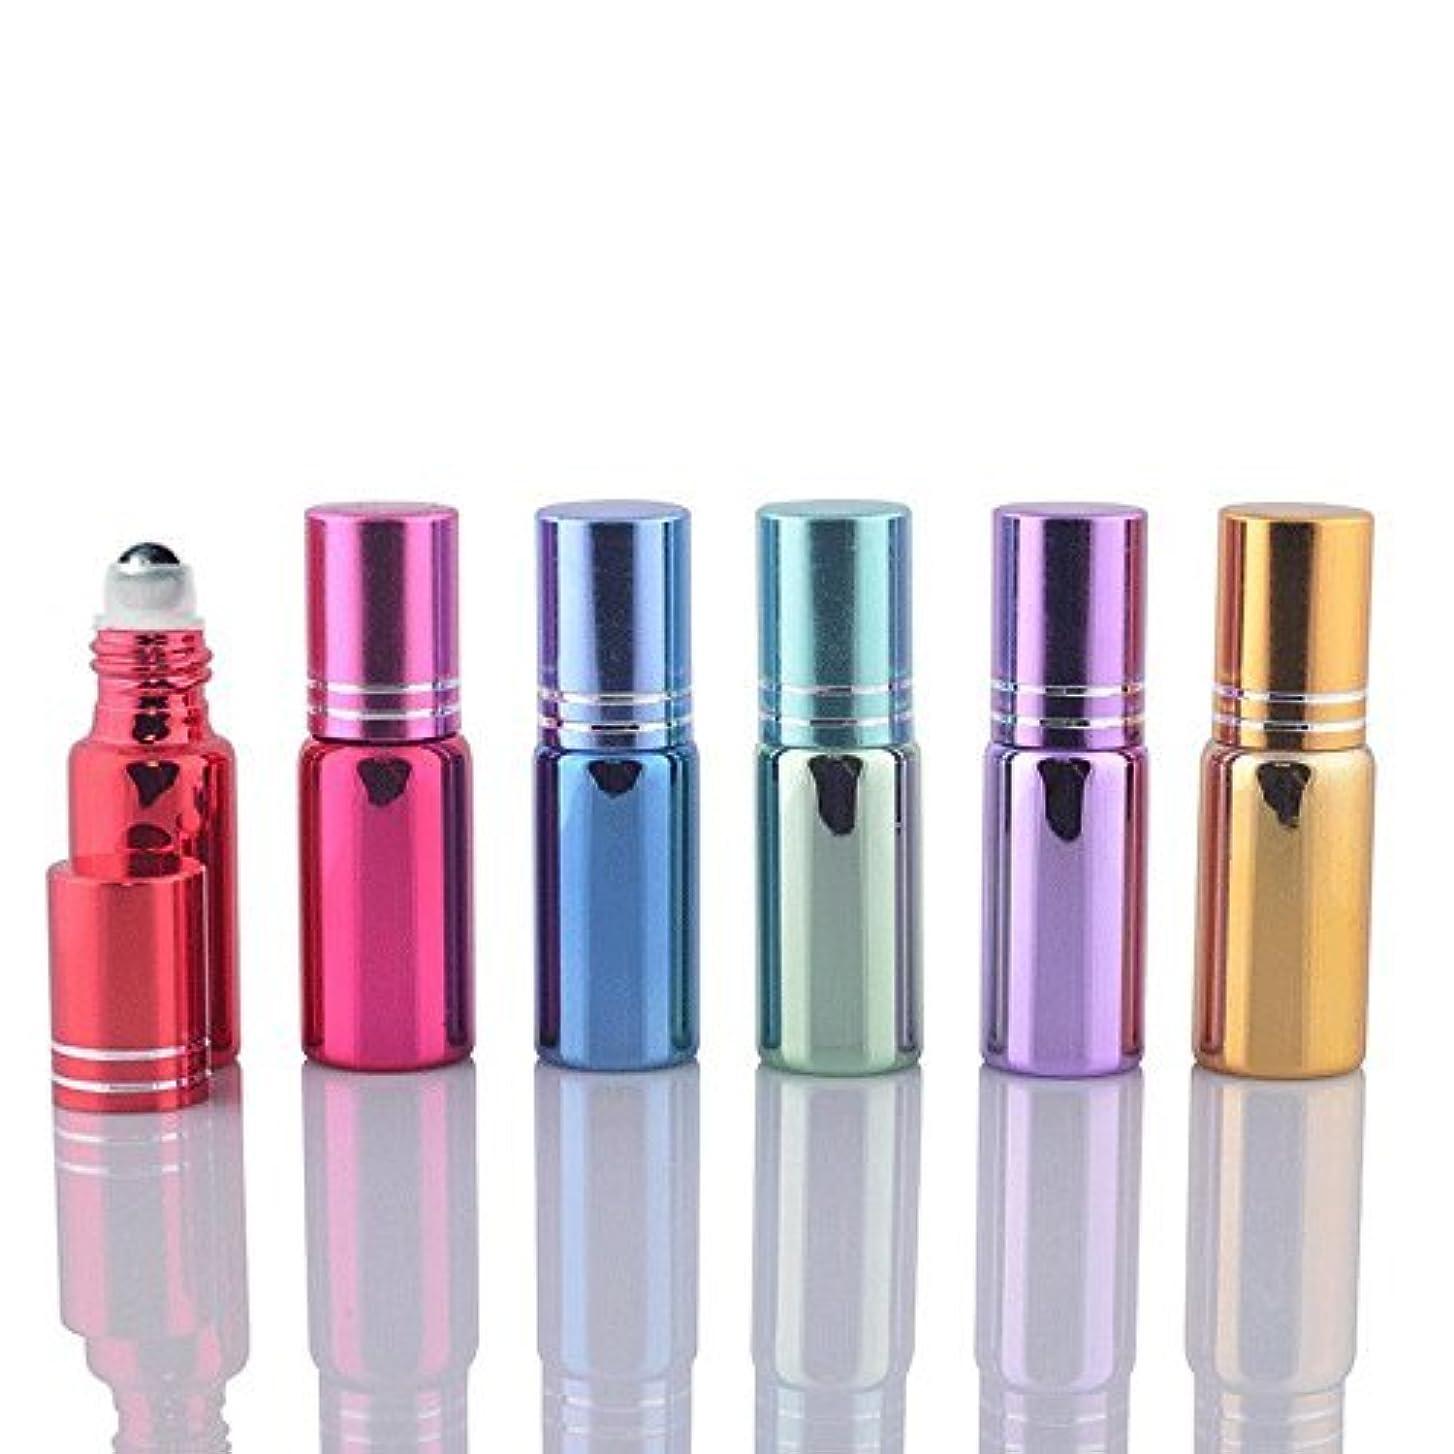 滑りやすい論理的にアレキサンダーグラハムベル6 Sets Assorted 5ml UV Coated Glass Roller Ball Rollon Bottles Grand Parfums Refillable Glass Bottles with Stainless Steel Rollers for Essential Oil, Serums,Fragrance, [並行輸入品]